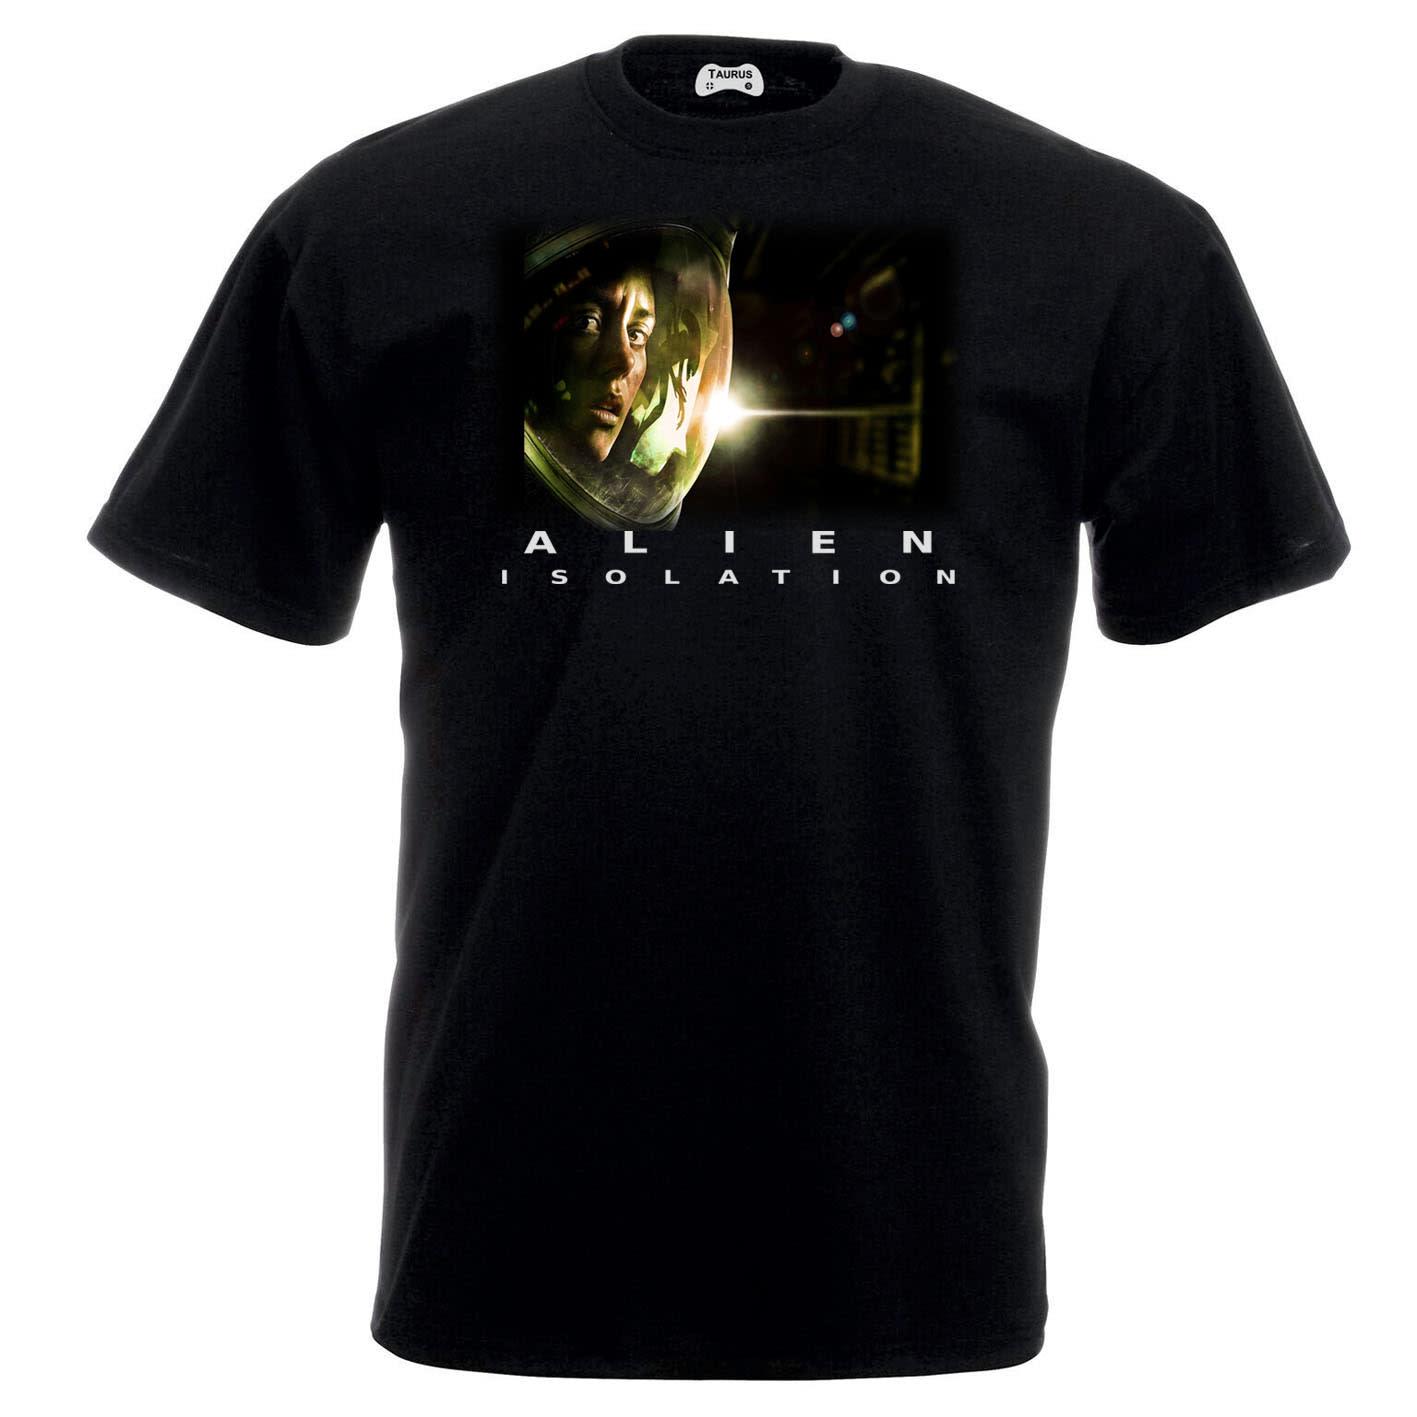 Alien Isolation T-Shirt Girl